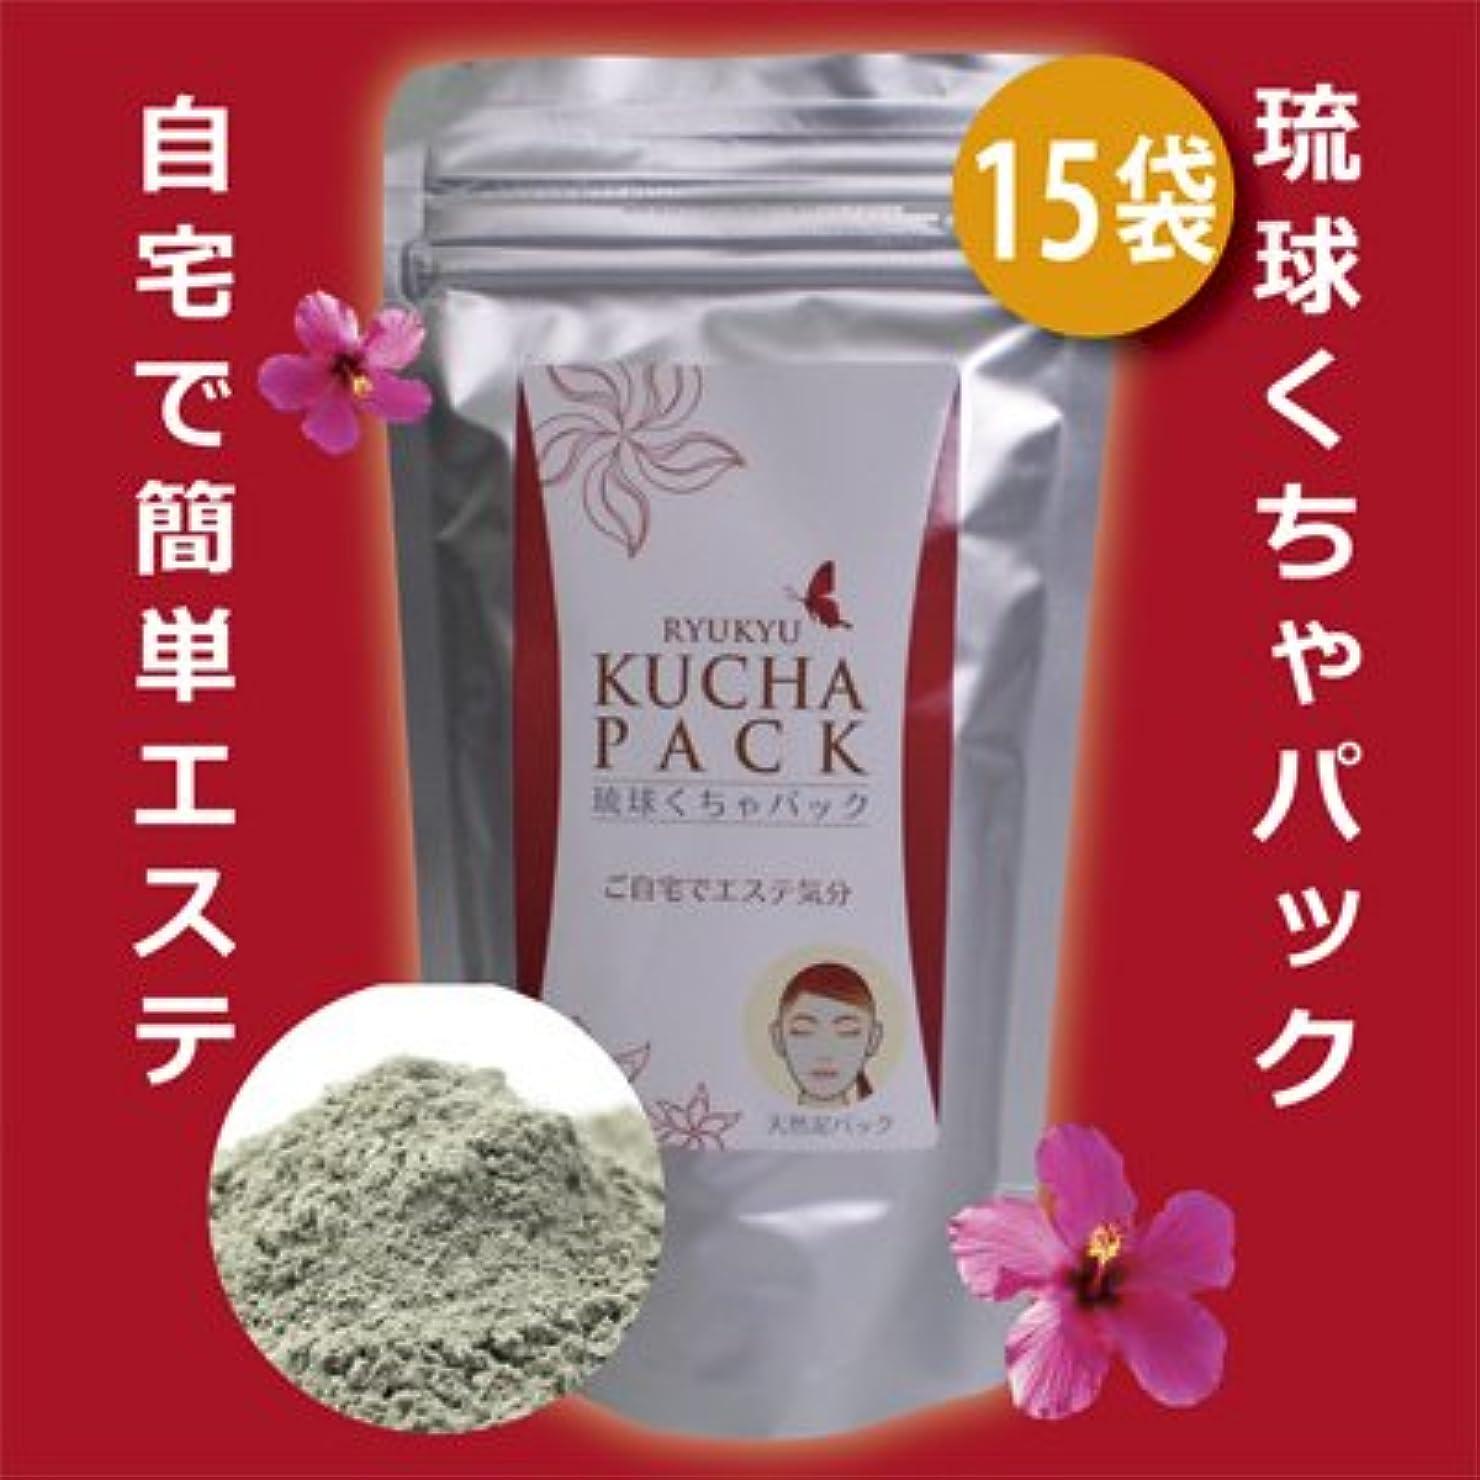 メッシュ早熟ジョットディボンドン美肌 健康作り 月桃水を加えた使いやすい粉末 沖縄産 琉球くちゃパック 150g 15パック